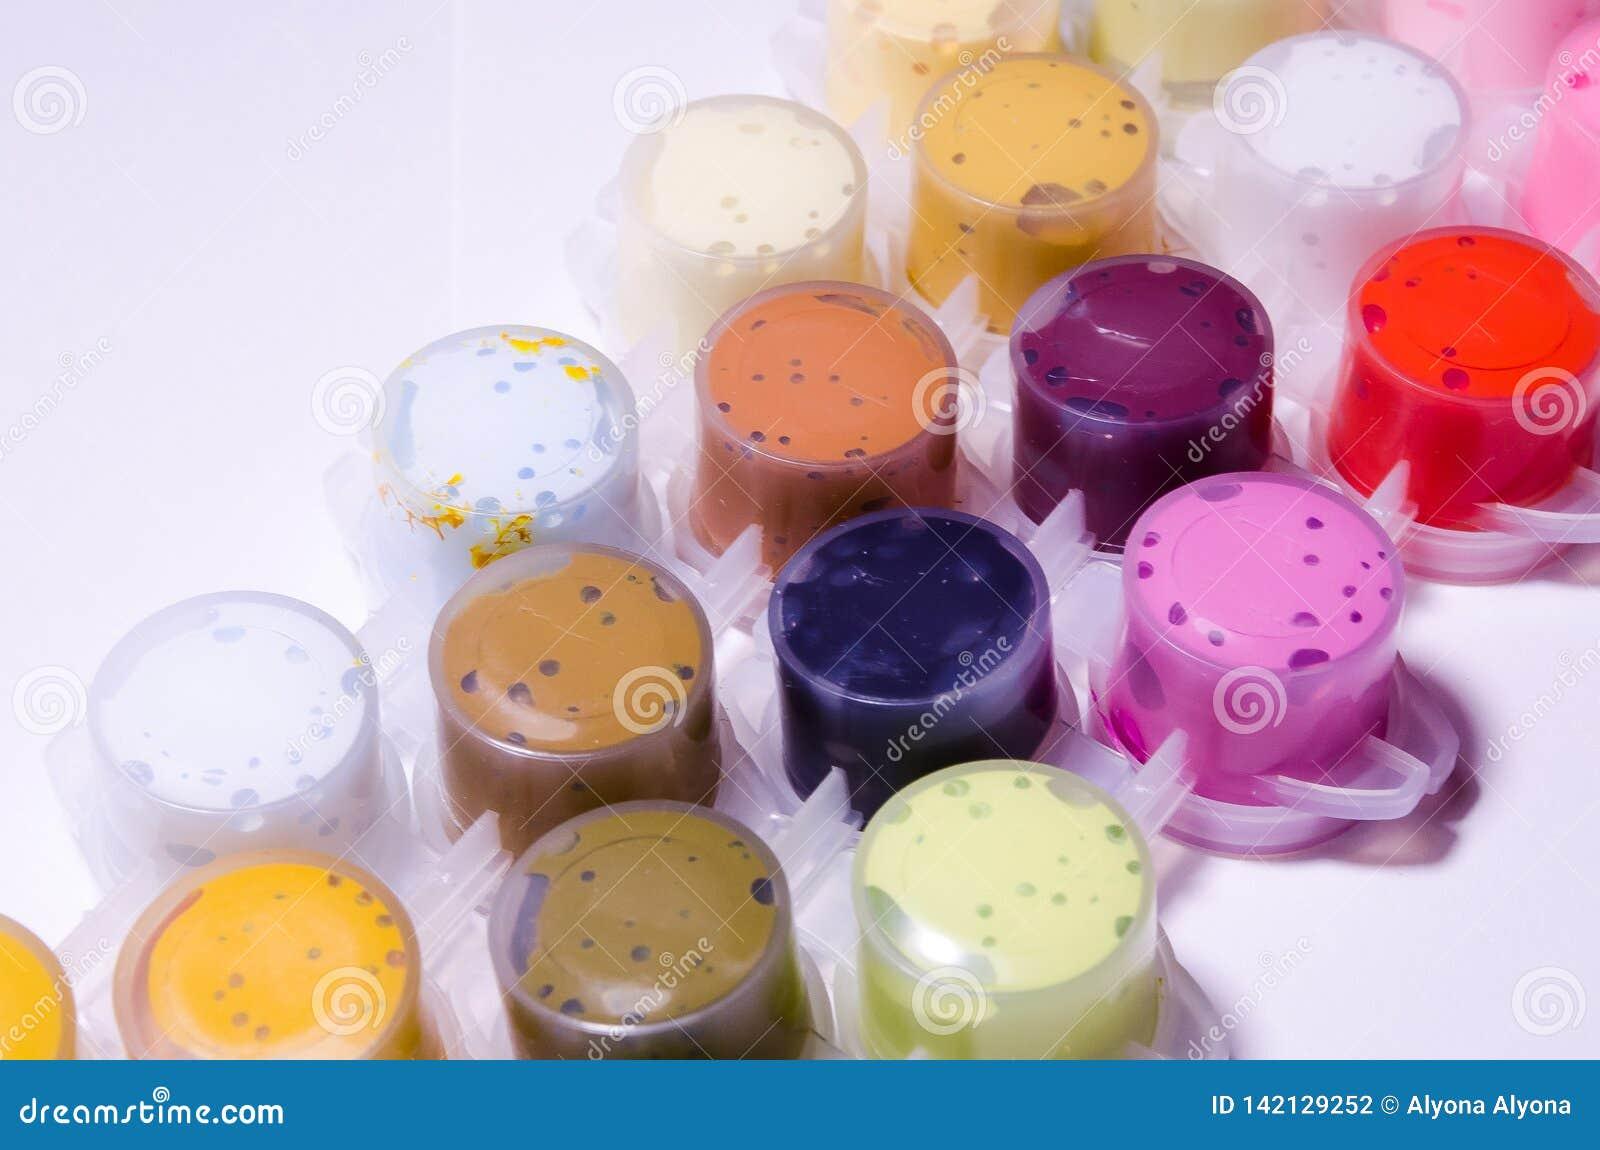 Pinturas C?maras de ar da pintura Pinturas acr?licas Pinte latas Uma paleta larga das cores Pintura para tirar Pinturas que criam